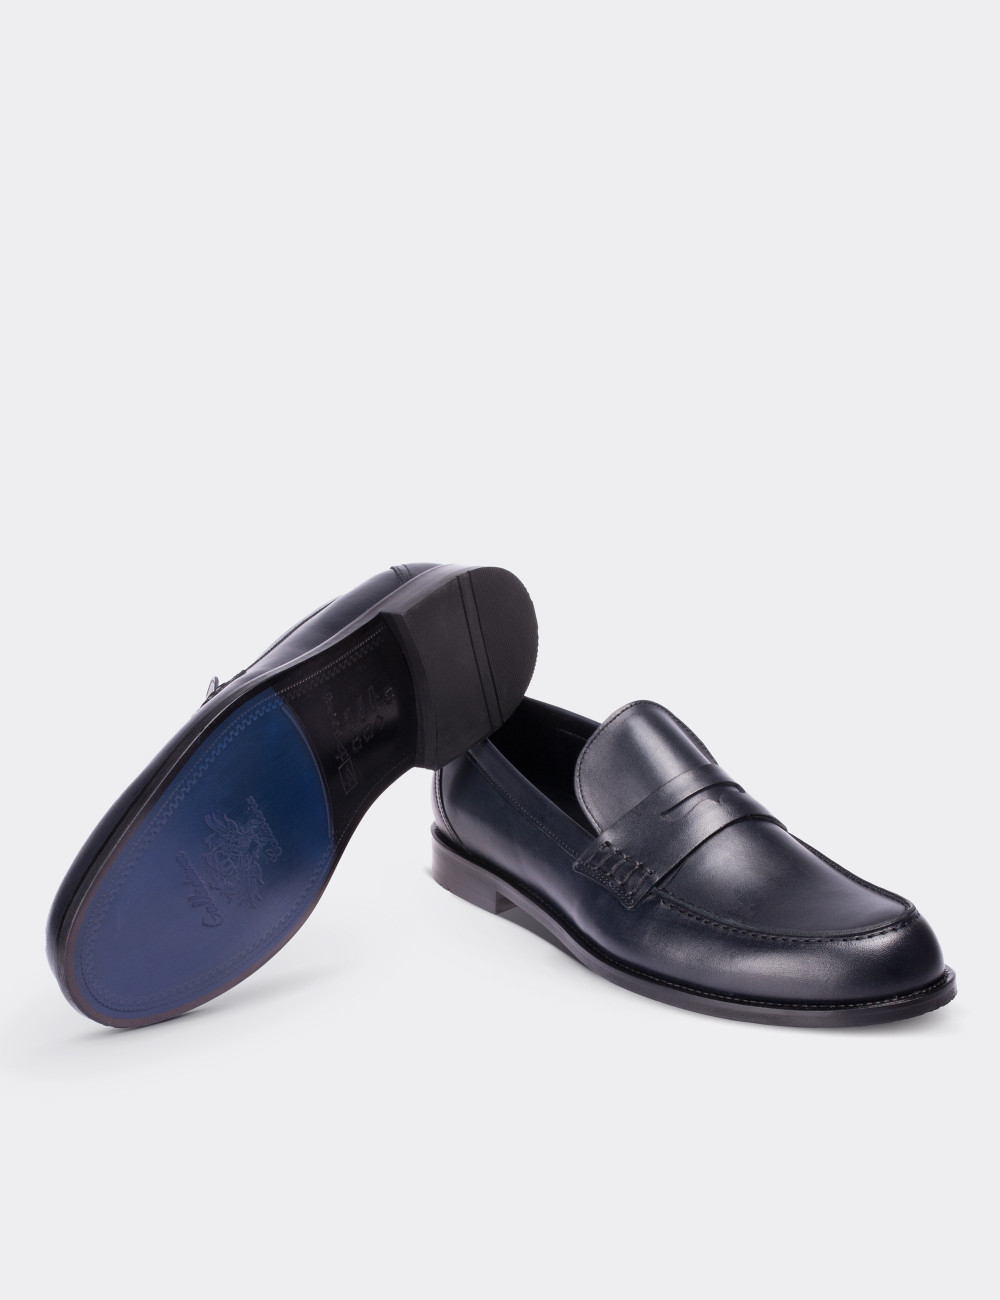 Hakiki Deri Lacivert Makosen Erkek Ayakkabı - 01538MLCVM02